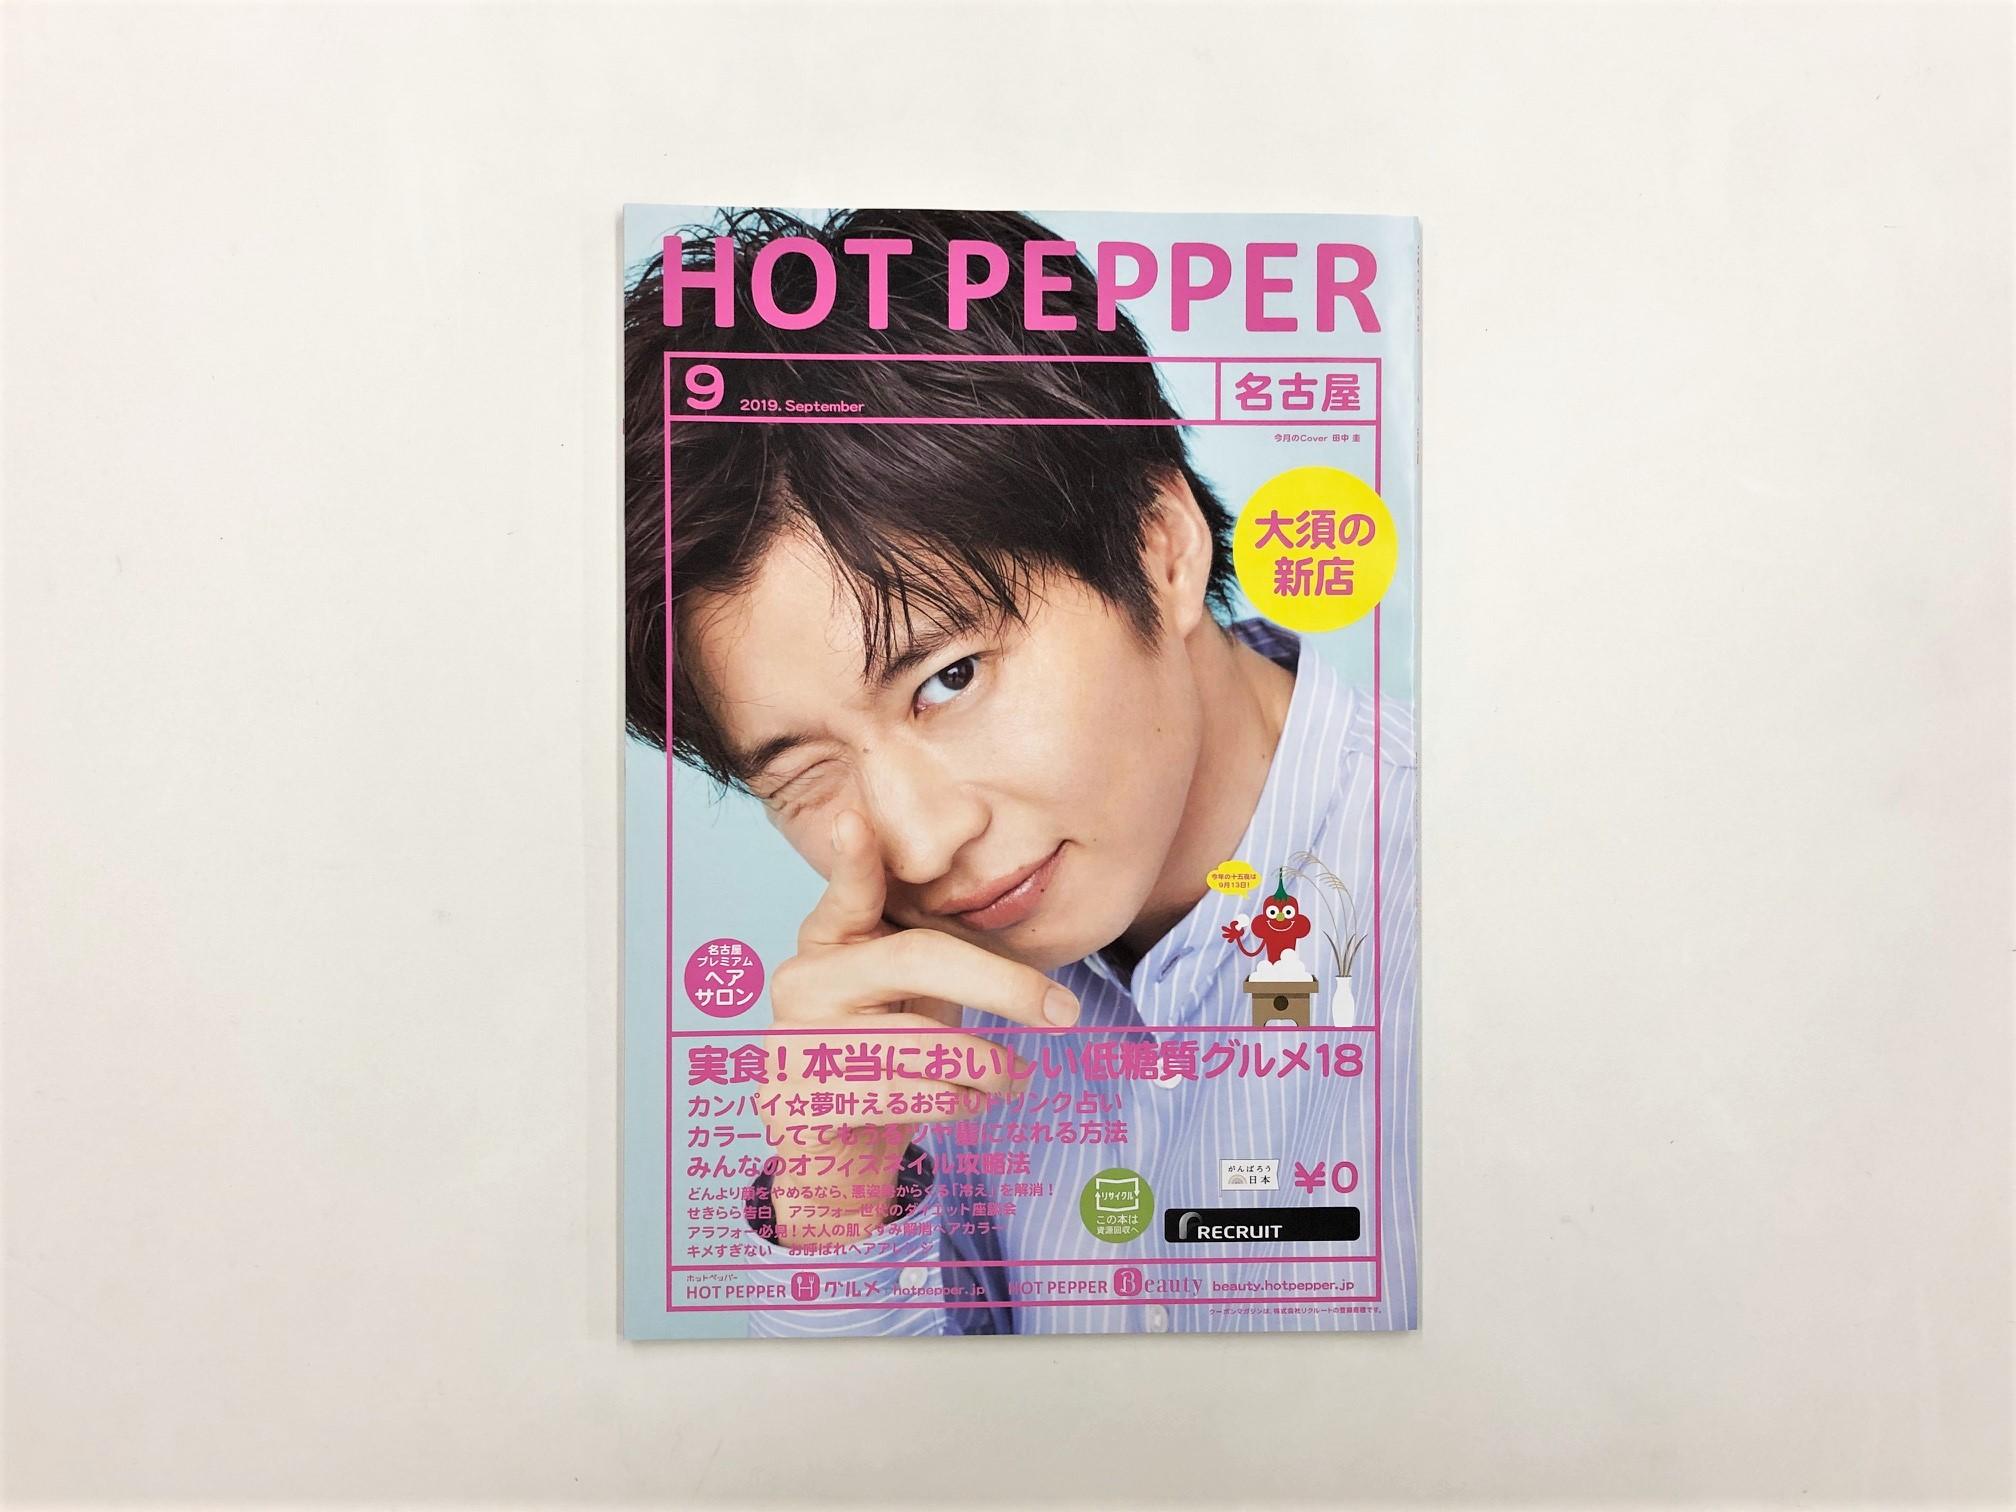 ホットペッパー9月号の表紙